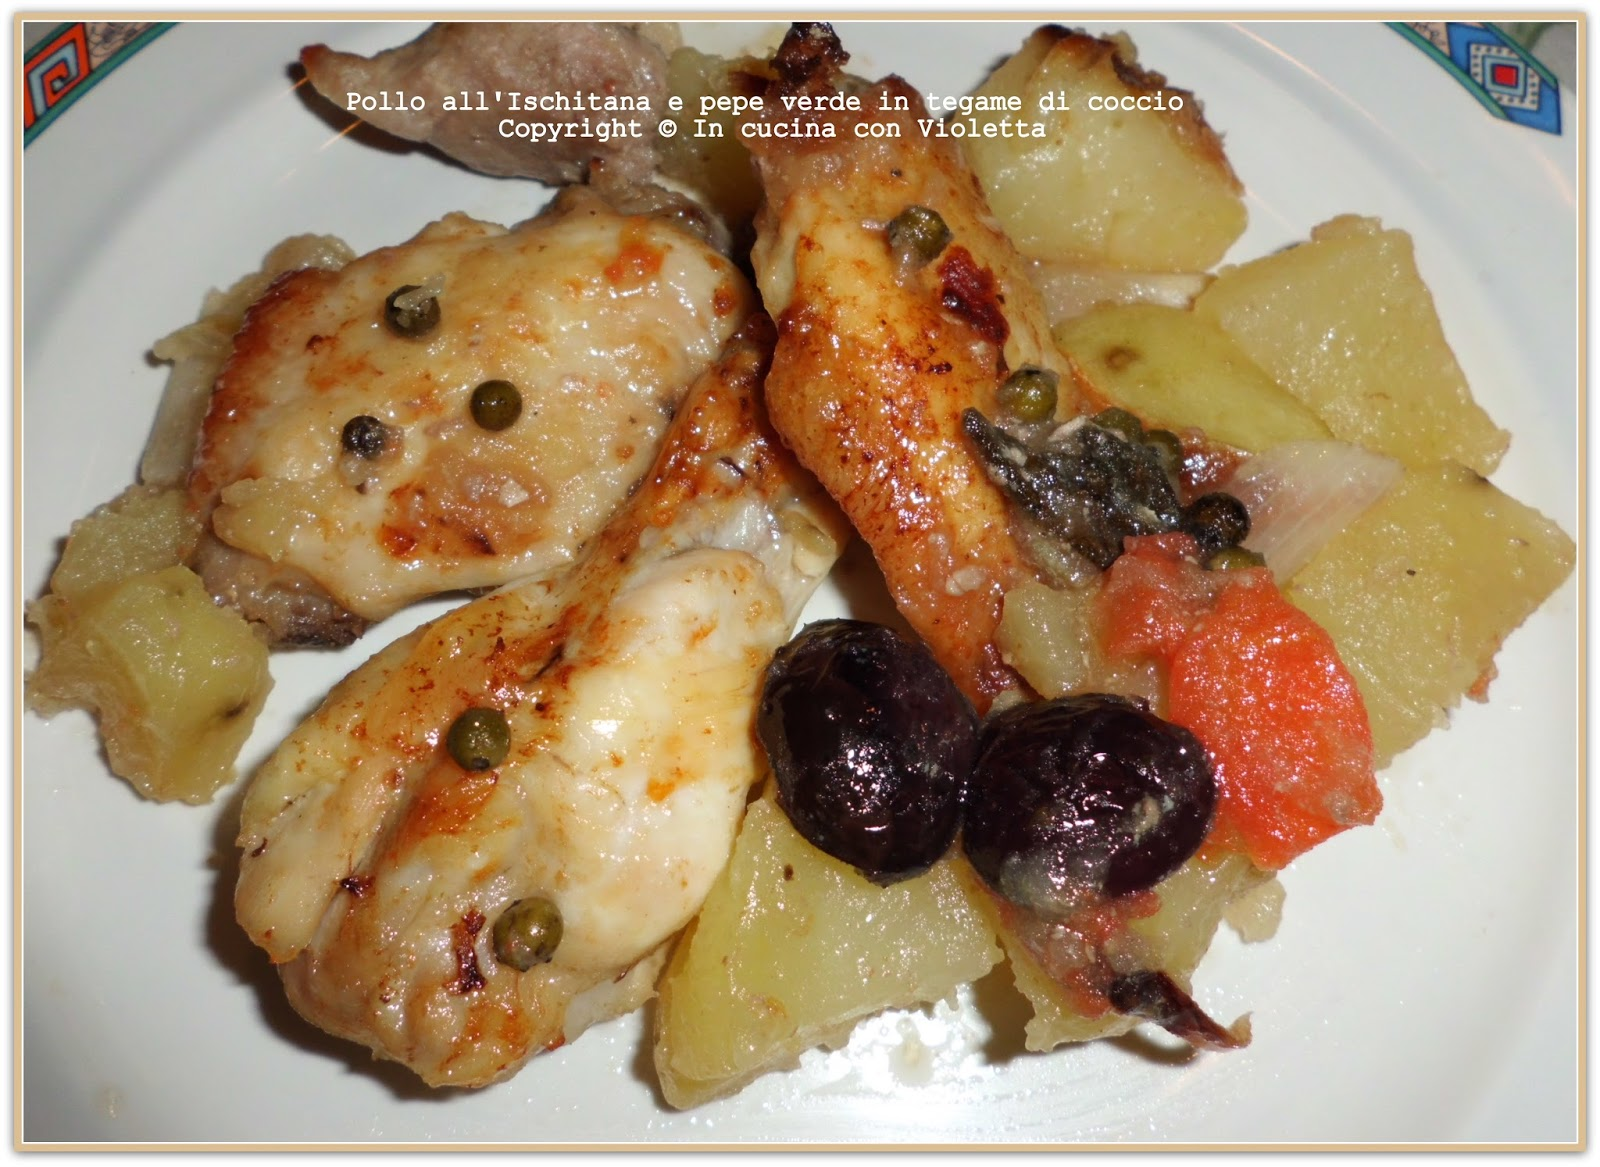 In Cucina Con Violetta: Pollo allIschitana al pepe verde in tegame di ...